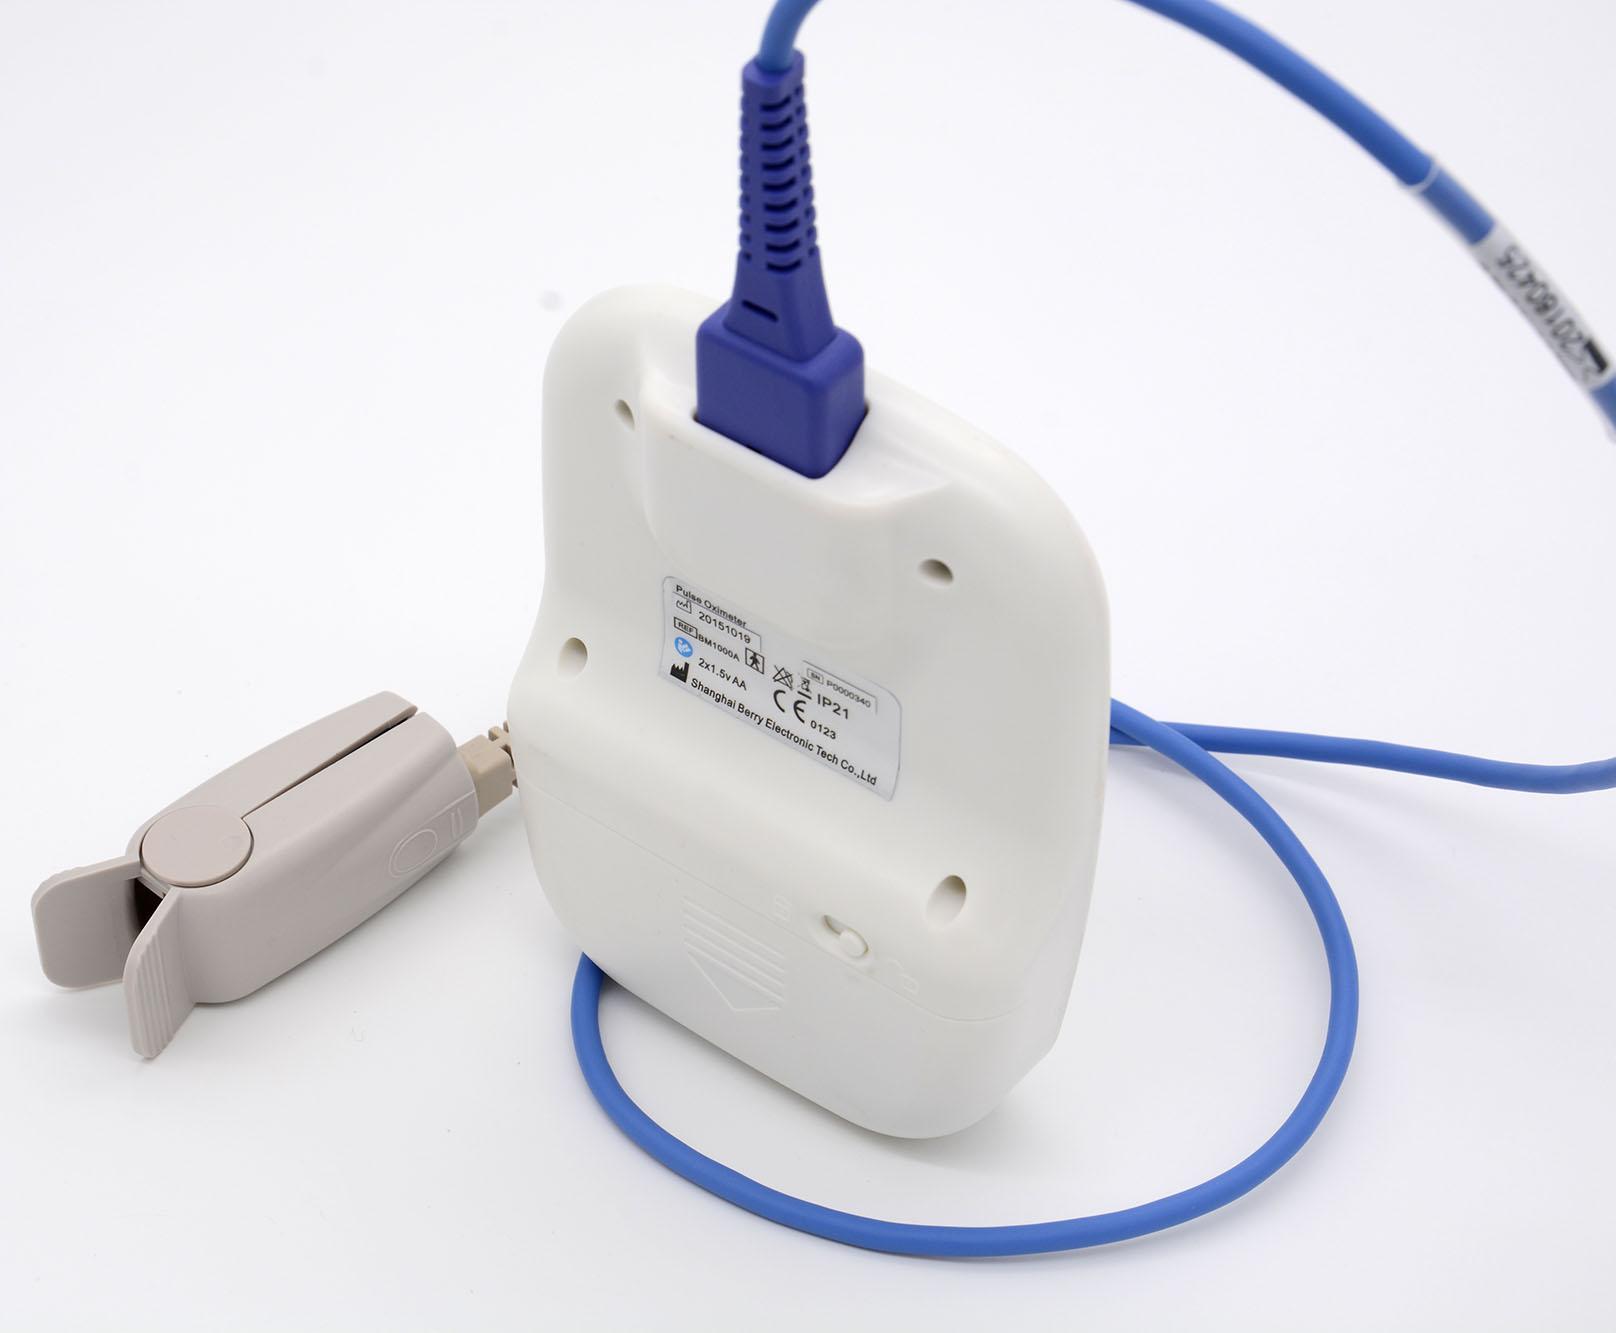 OLED屏微型便携式手持式指尖脉搏血氧仪 1